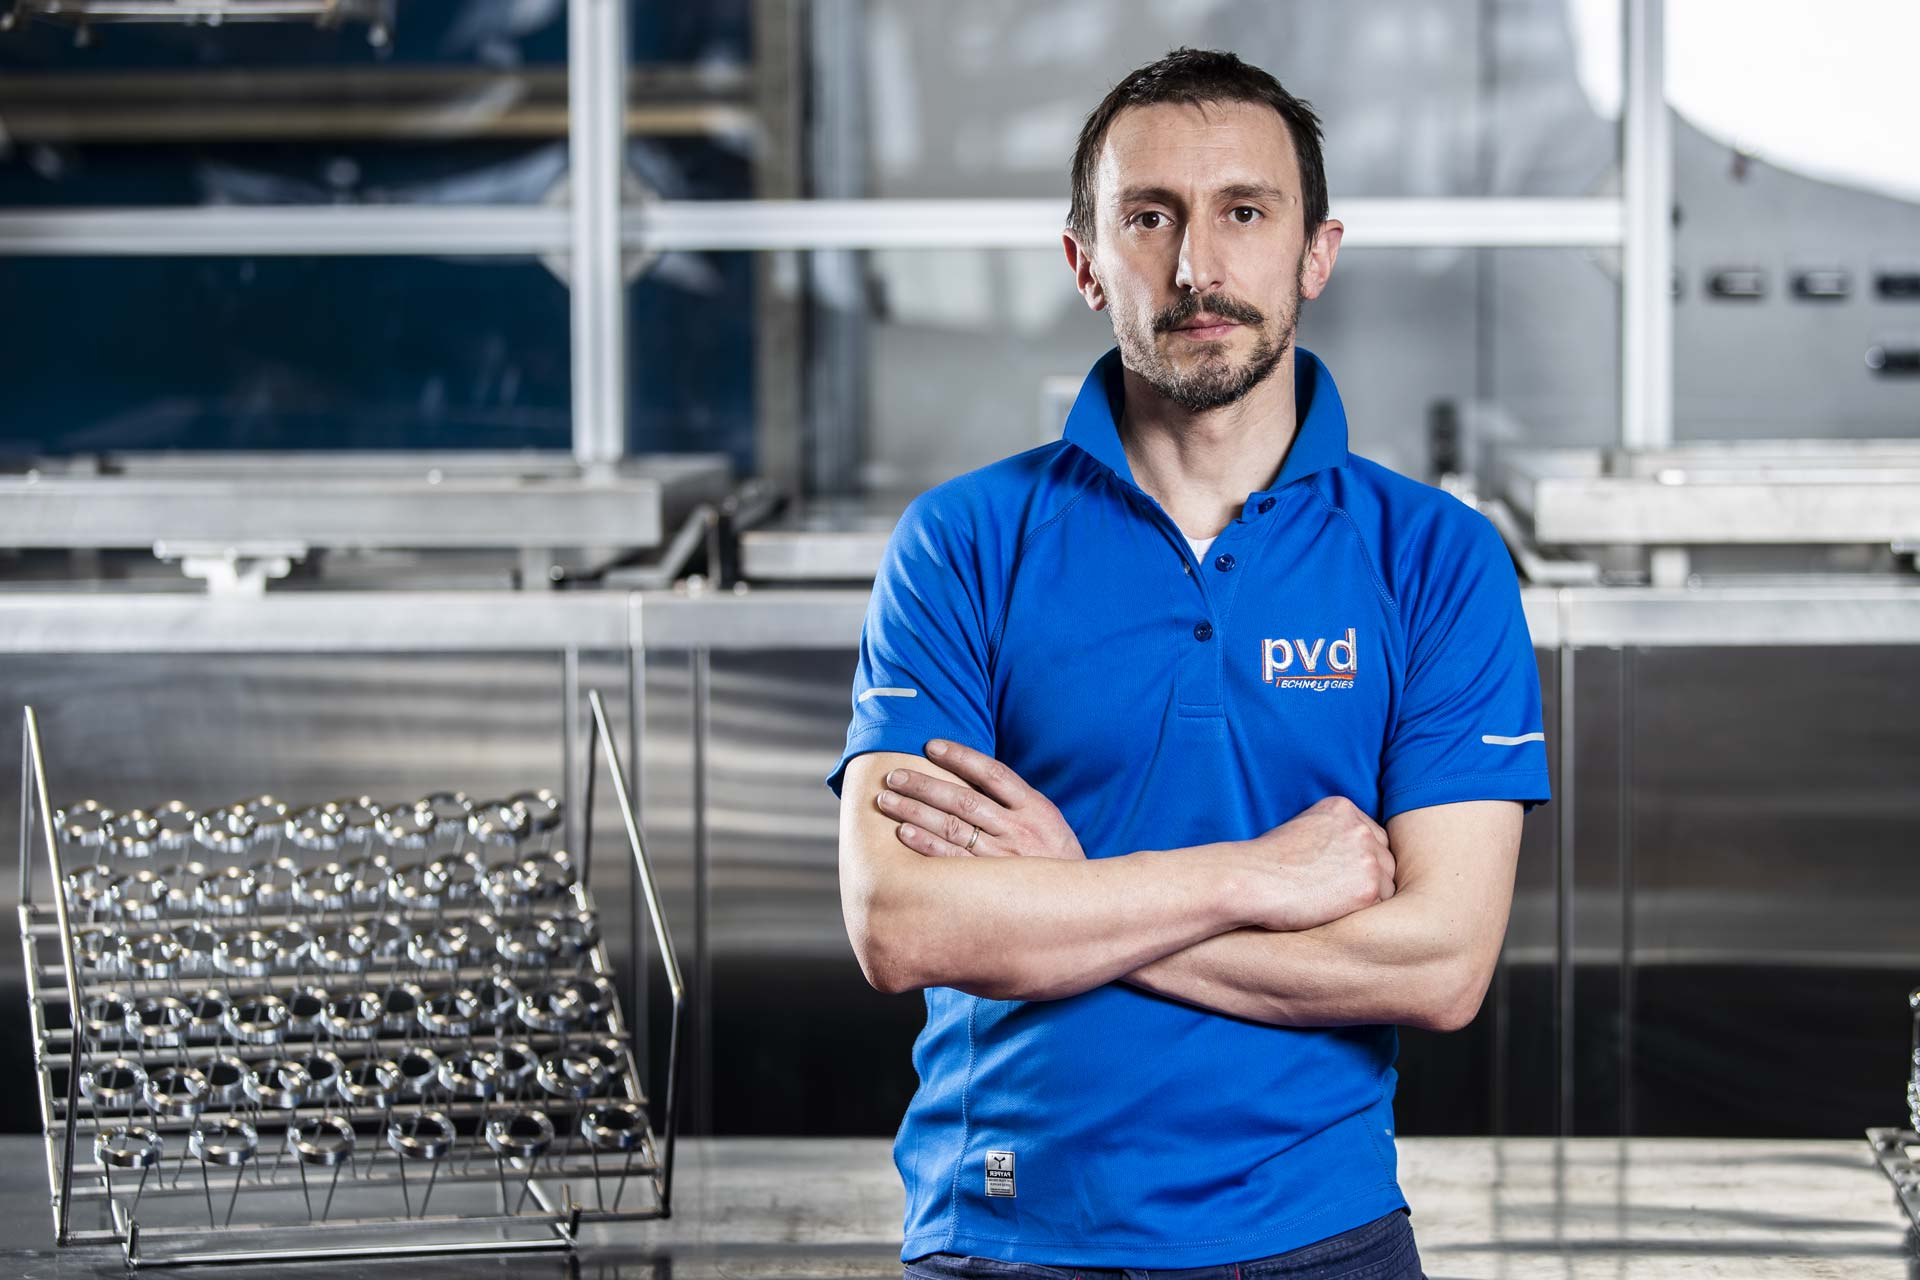 Alessandro Vidani titolare PVD technologies